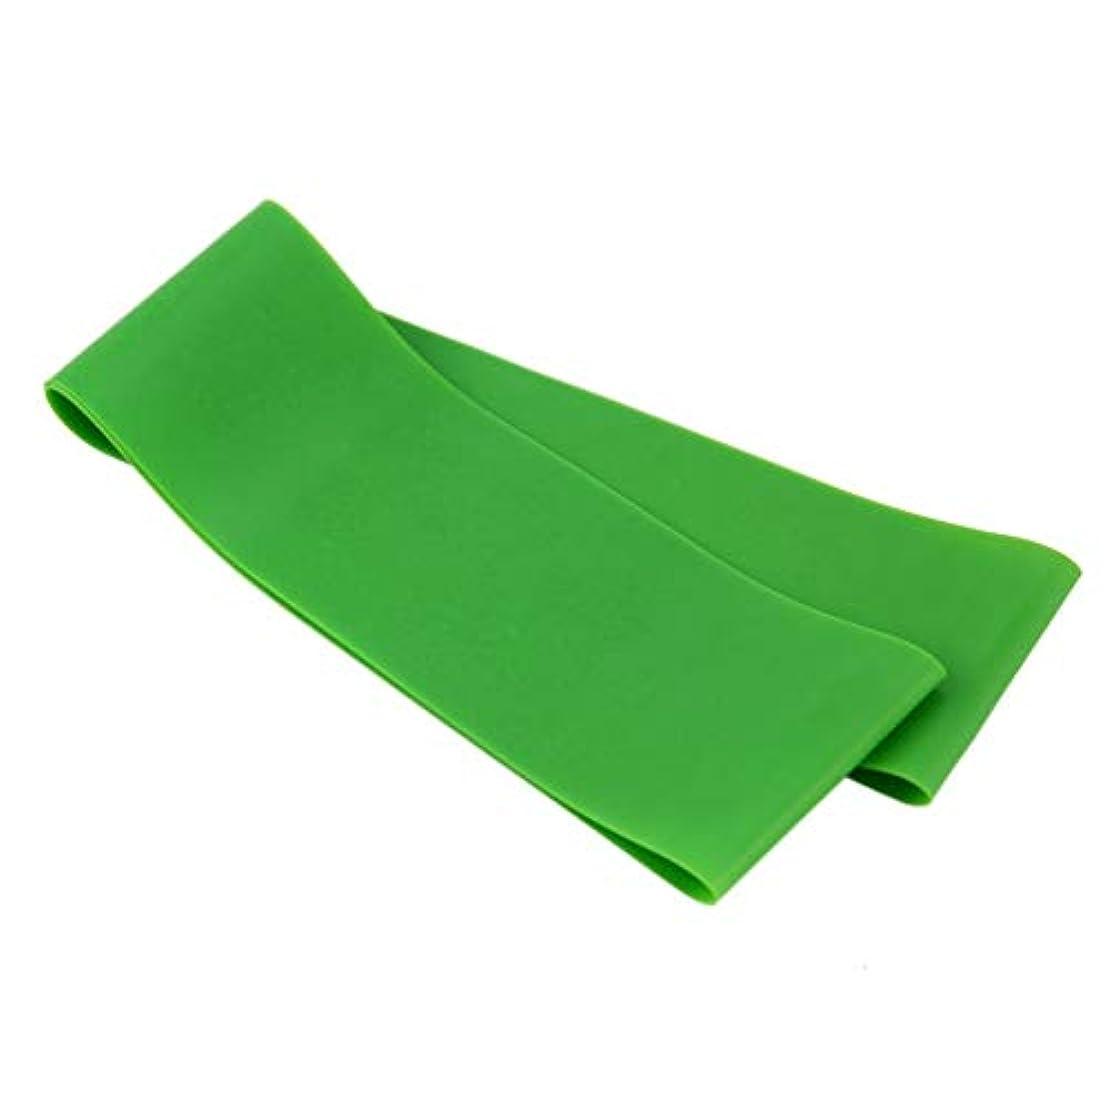 考慮喉頭並外れて滑り止め伸縮性ゴム弾性ヨガベルトバンドプルロープ張力抵抗バンドループ強度のためのフィットネスヨガツール - グリーン